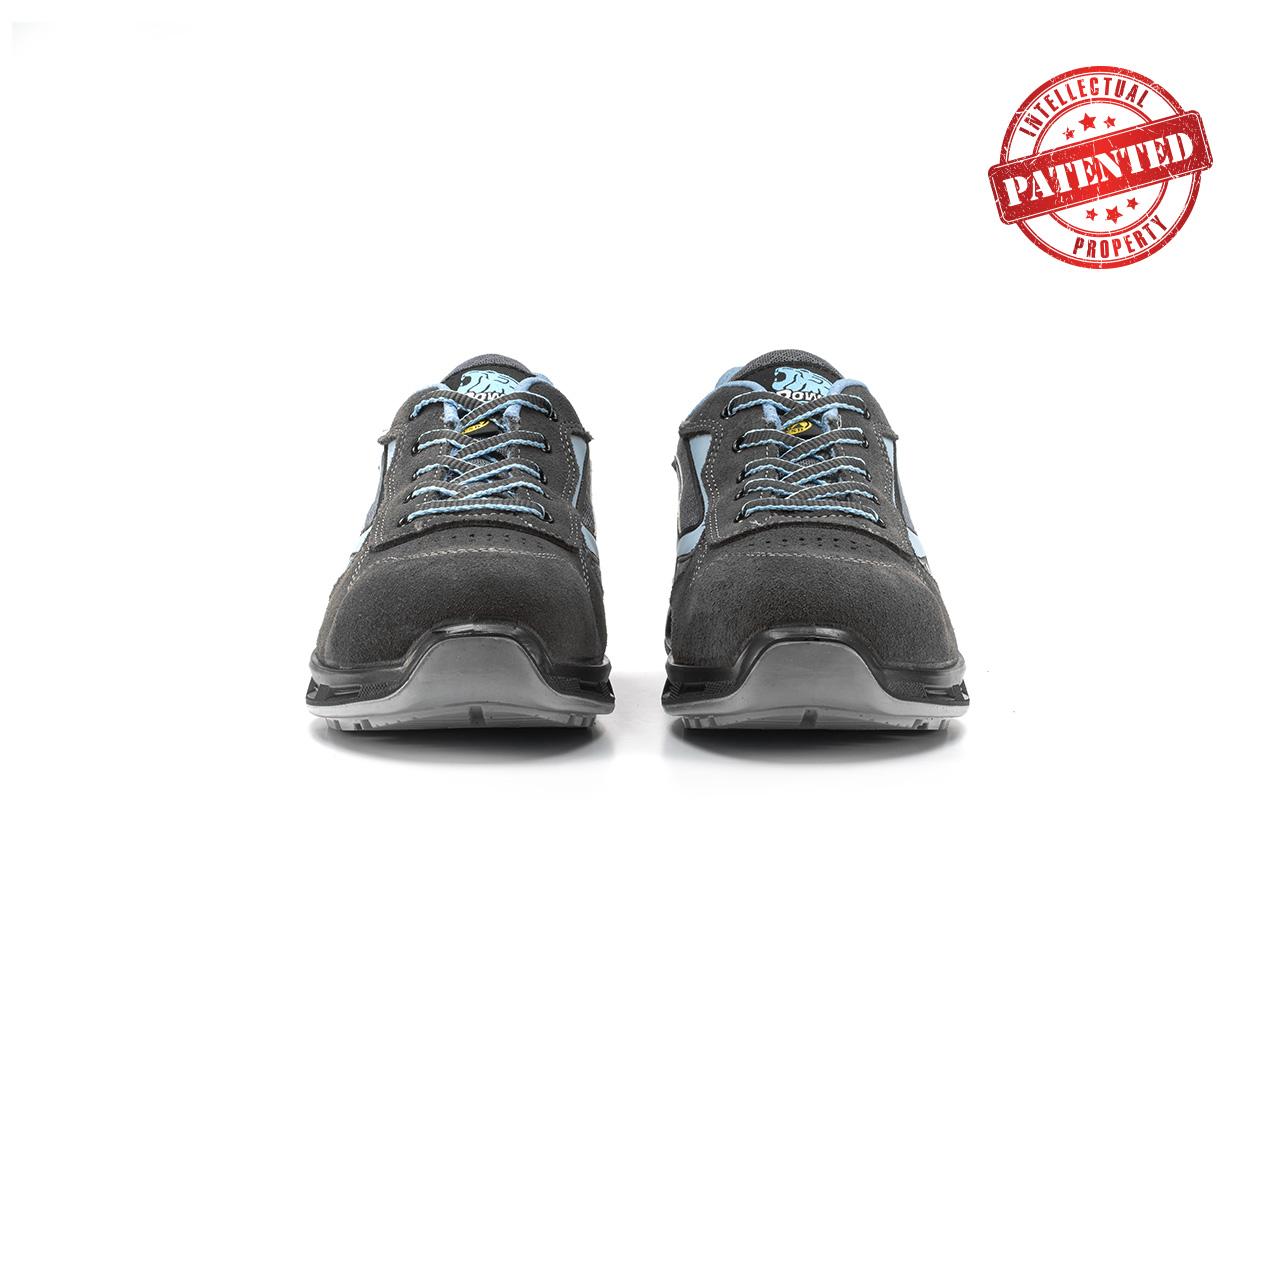 paio di scarpe antinfortunistiche upower modello lolly linea redlion vista frontale